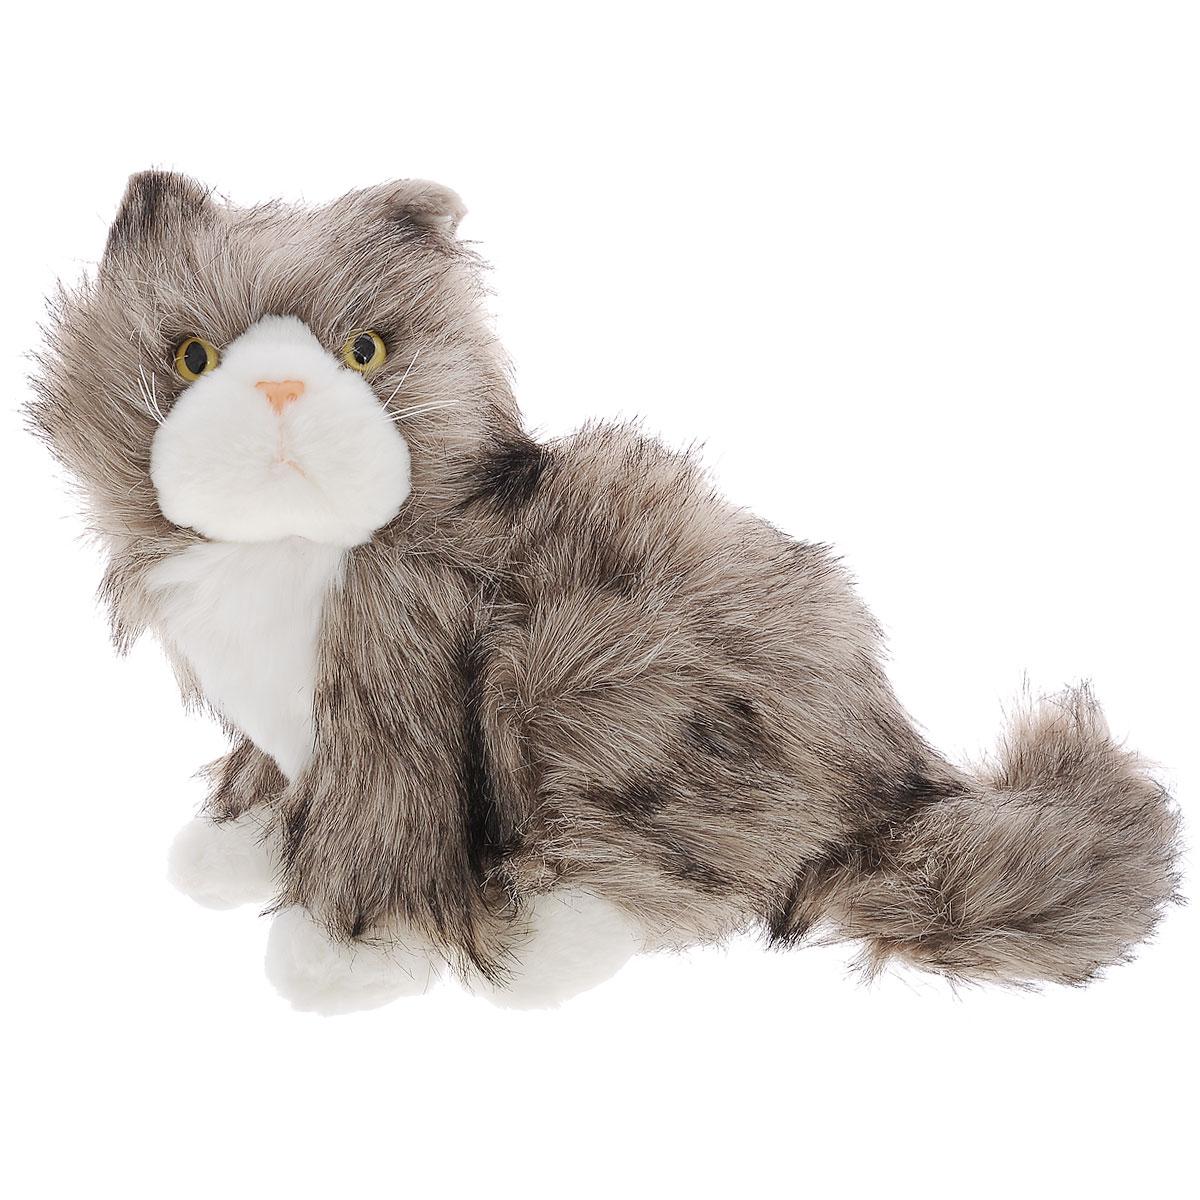 Мягкая игрушка Plush Apple Кот, цвет: серый, белый, 26 смK09542A,BМилая мягкая игрушка Plush Apple Кот привлечет внимание любого ребенка. Изготовлена из приятных на ощупь и очень мягких материалов, безвредных для малыша. Выполнена игрушка в виде милой кошки с пластиковыми глазками. Небольшие размеры игрушки позволяют брать ее на прогулку и в гости, поэтому малышу больше не придется расставаться со своим новым другом.